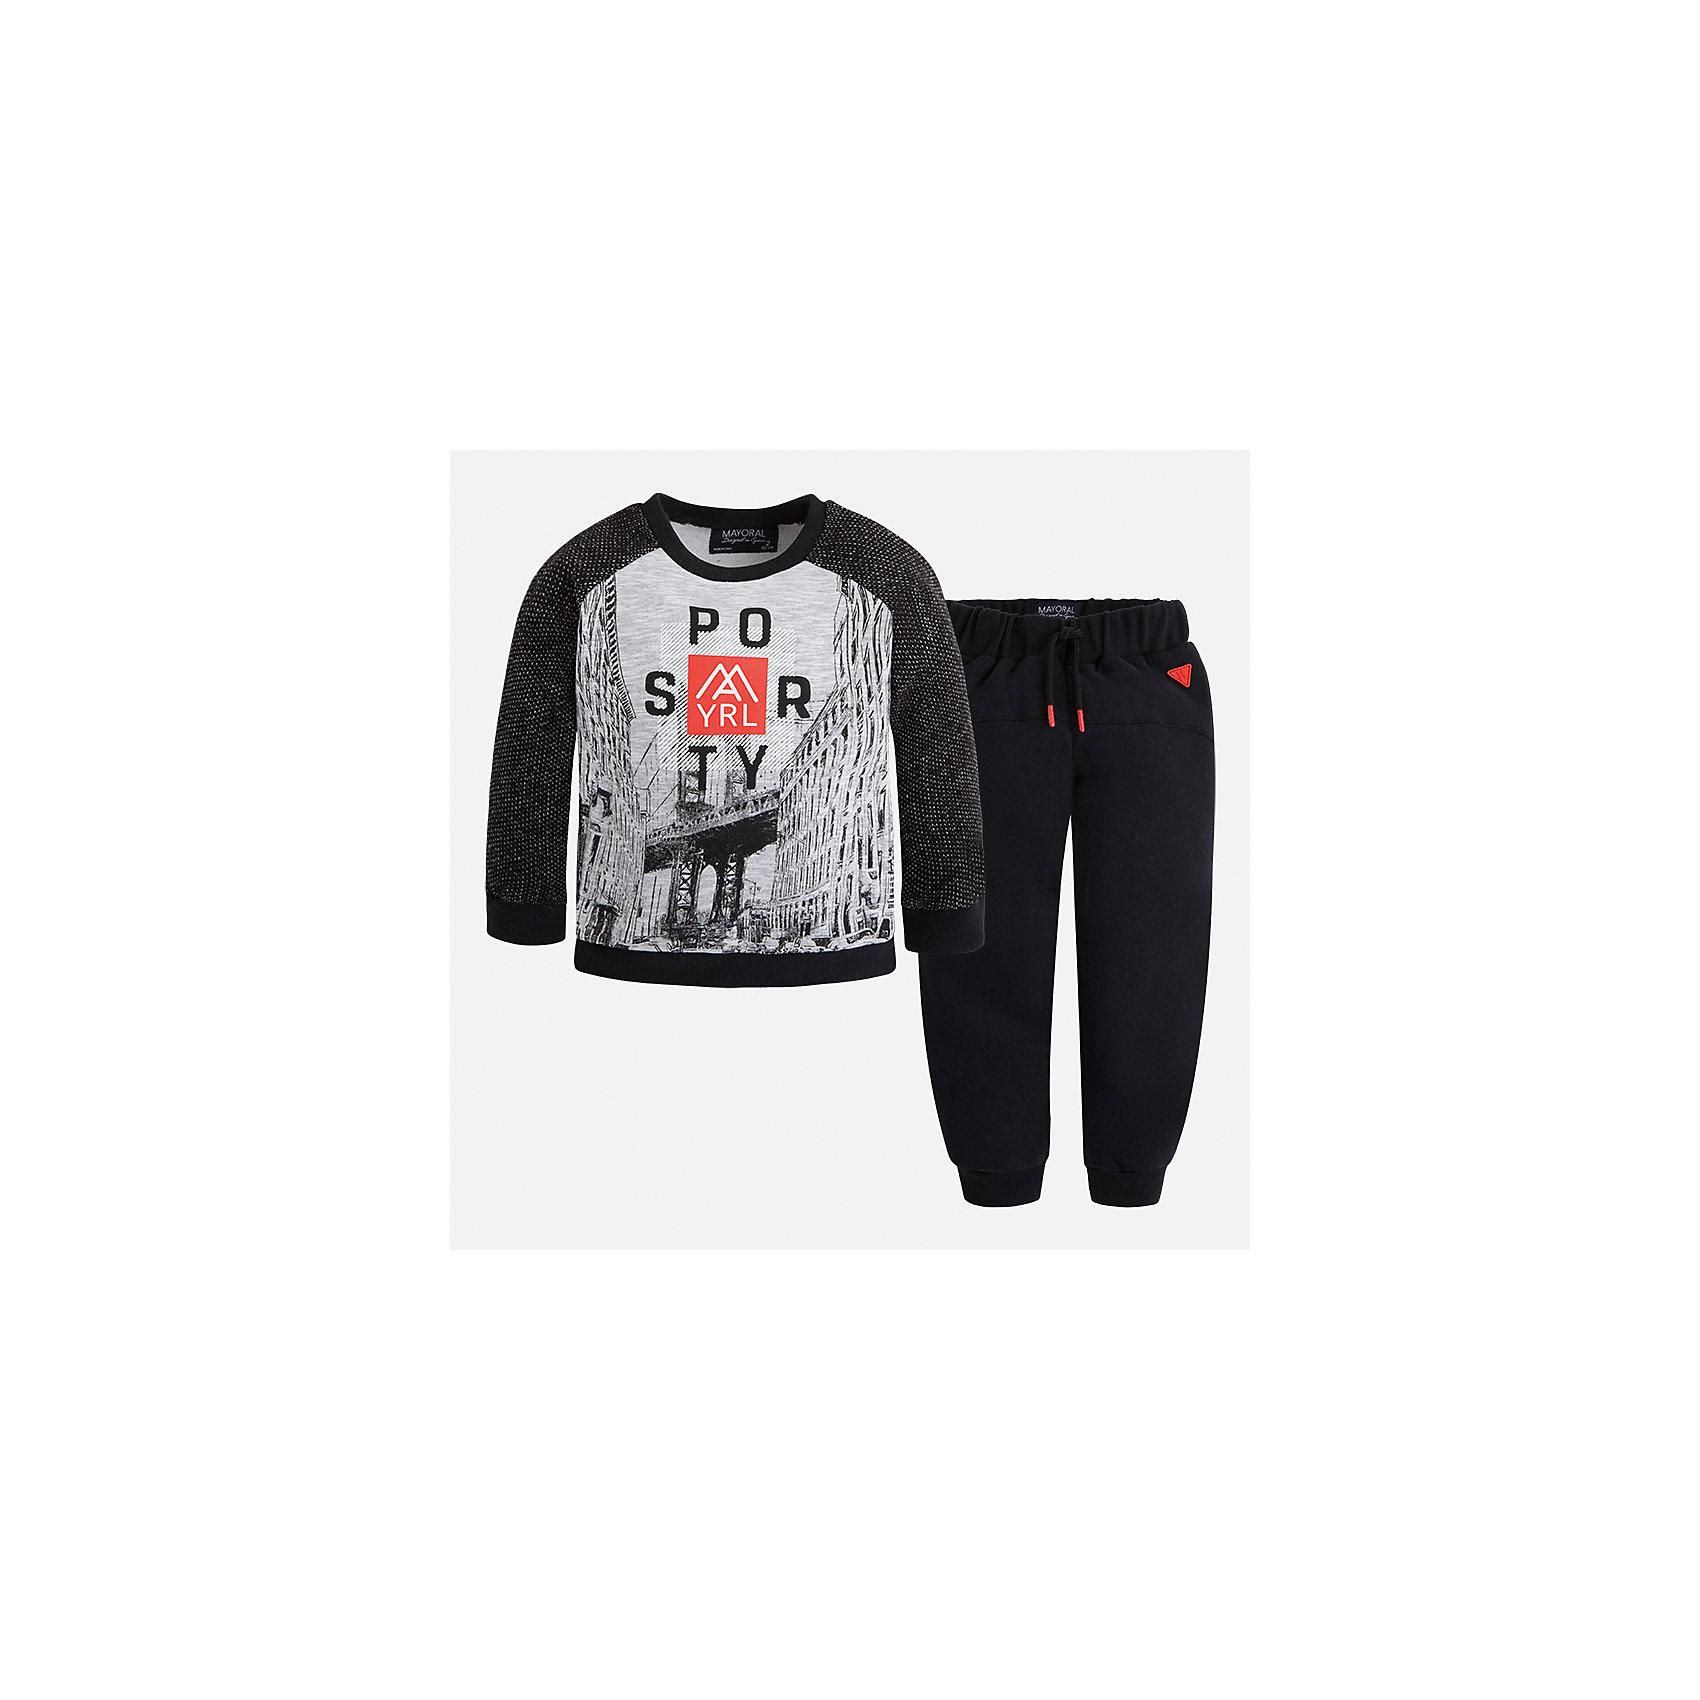 Спортивный костюм для мальчика MayoralКомплекты<br>Характеристики товара:<br><br>• цвет: черный<br>• состав ткани: 60% хлопок, 40% полиэстер<br>• комплектация: лонгслив, брюки<br>• сезон: демисезон<br>• особенности модели: спортивный стиль<br>• длинные рукава<br>• пояс брюк: резинка, шнурок<br>• страна бренда: Испания<br>• страна изготовитель: Индия<br><br>Детский спортивный комплект состоит из лонгслива и брюк. Спортивный костюм сделан из плотного приятного на ощупь материала. Благодаря продуманному крою детского спортивного костюма создаются комфортные условия для тела. Спортивный комплект для мальчика отличается стильный продуманным дизайном.<br><br>Спортивный костюм для мальчика Mayoral (Майорал) можно купить в нашем интернет-магазине.<br><br>Ширина мм: 247<br>Глубина мм: 16<br>Высота мм: 140<br>Вес г: 225<br>Цвет: черный<br>Возраст от месяцев: 18<br>Возраст до месяцев: 24<br>Пол: Мужской<br>Возраст: Детский<br>Размер: 92,134,128,122,116,110,104,98<br>SKU: 6933142